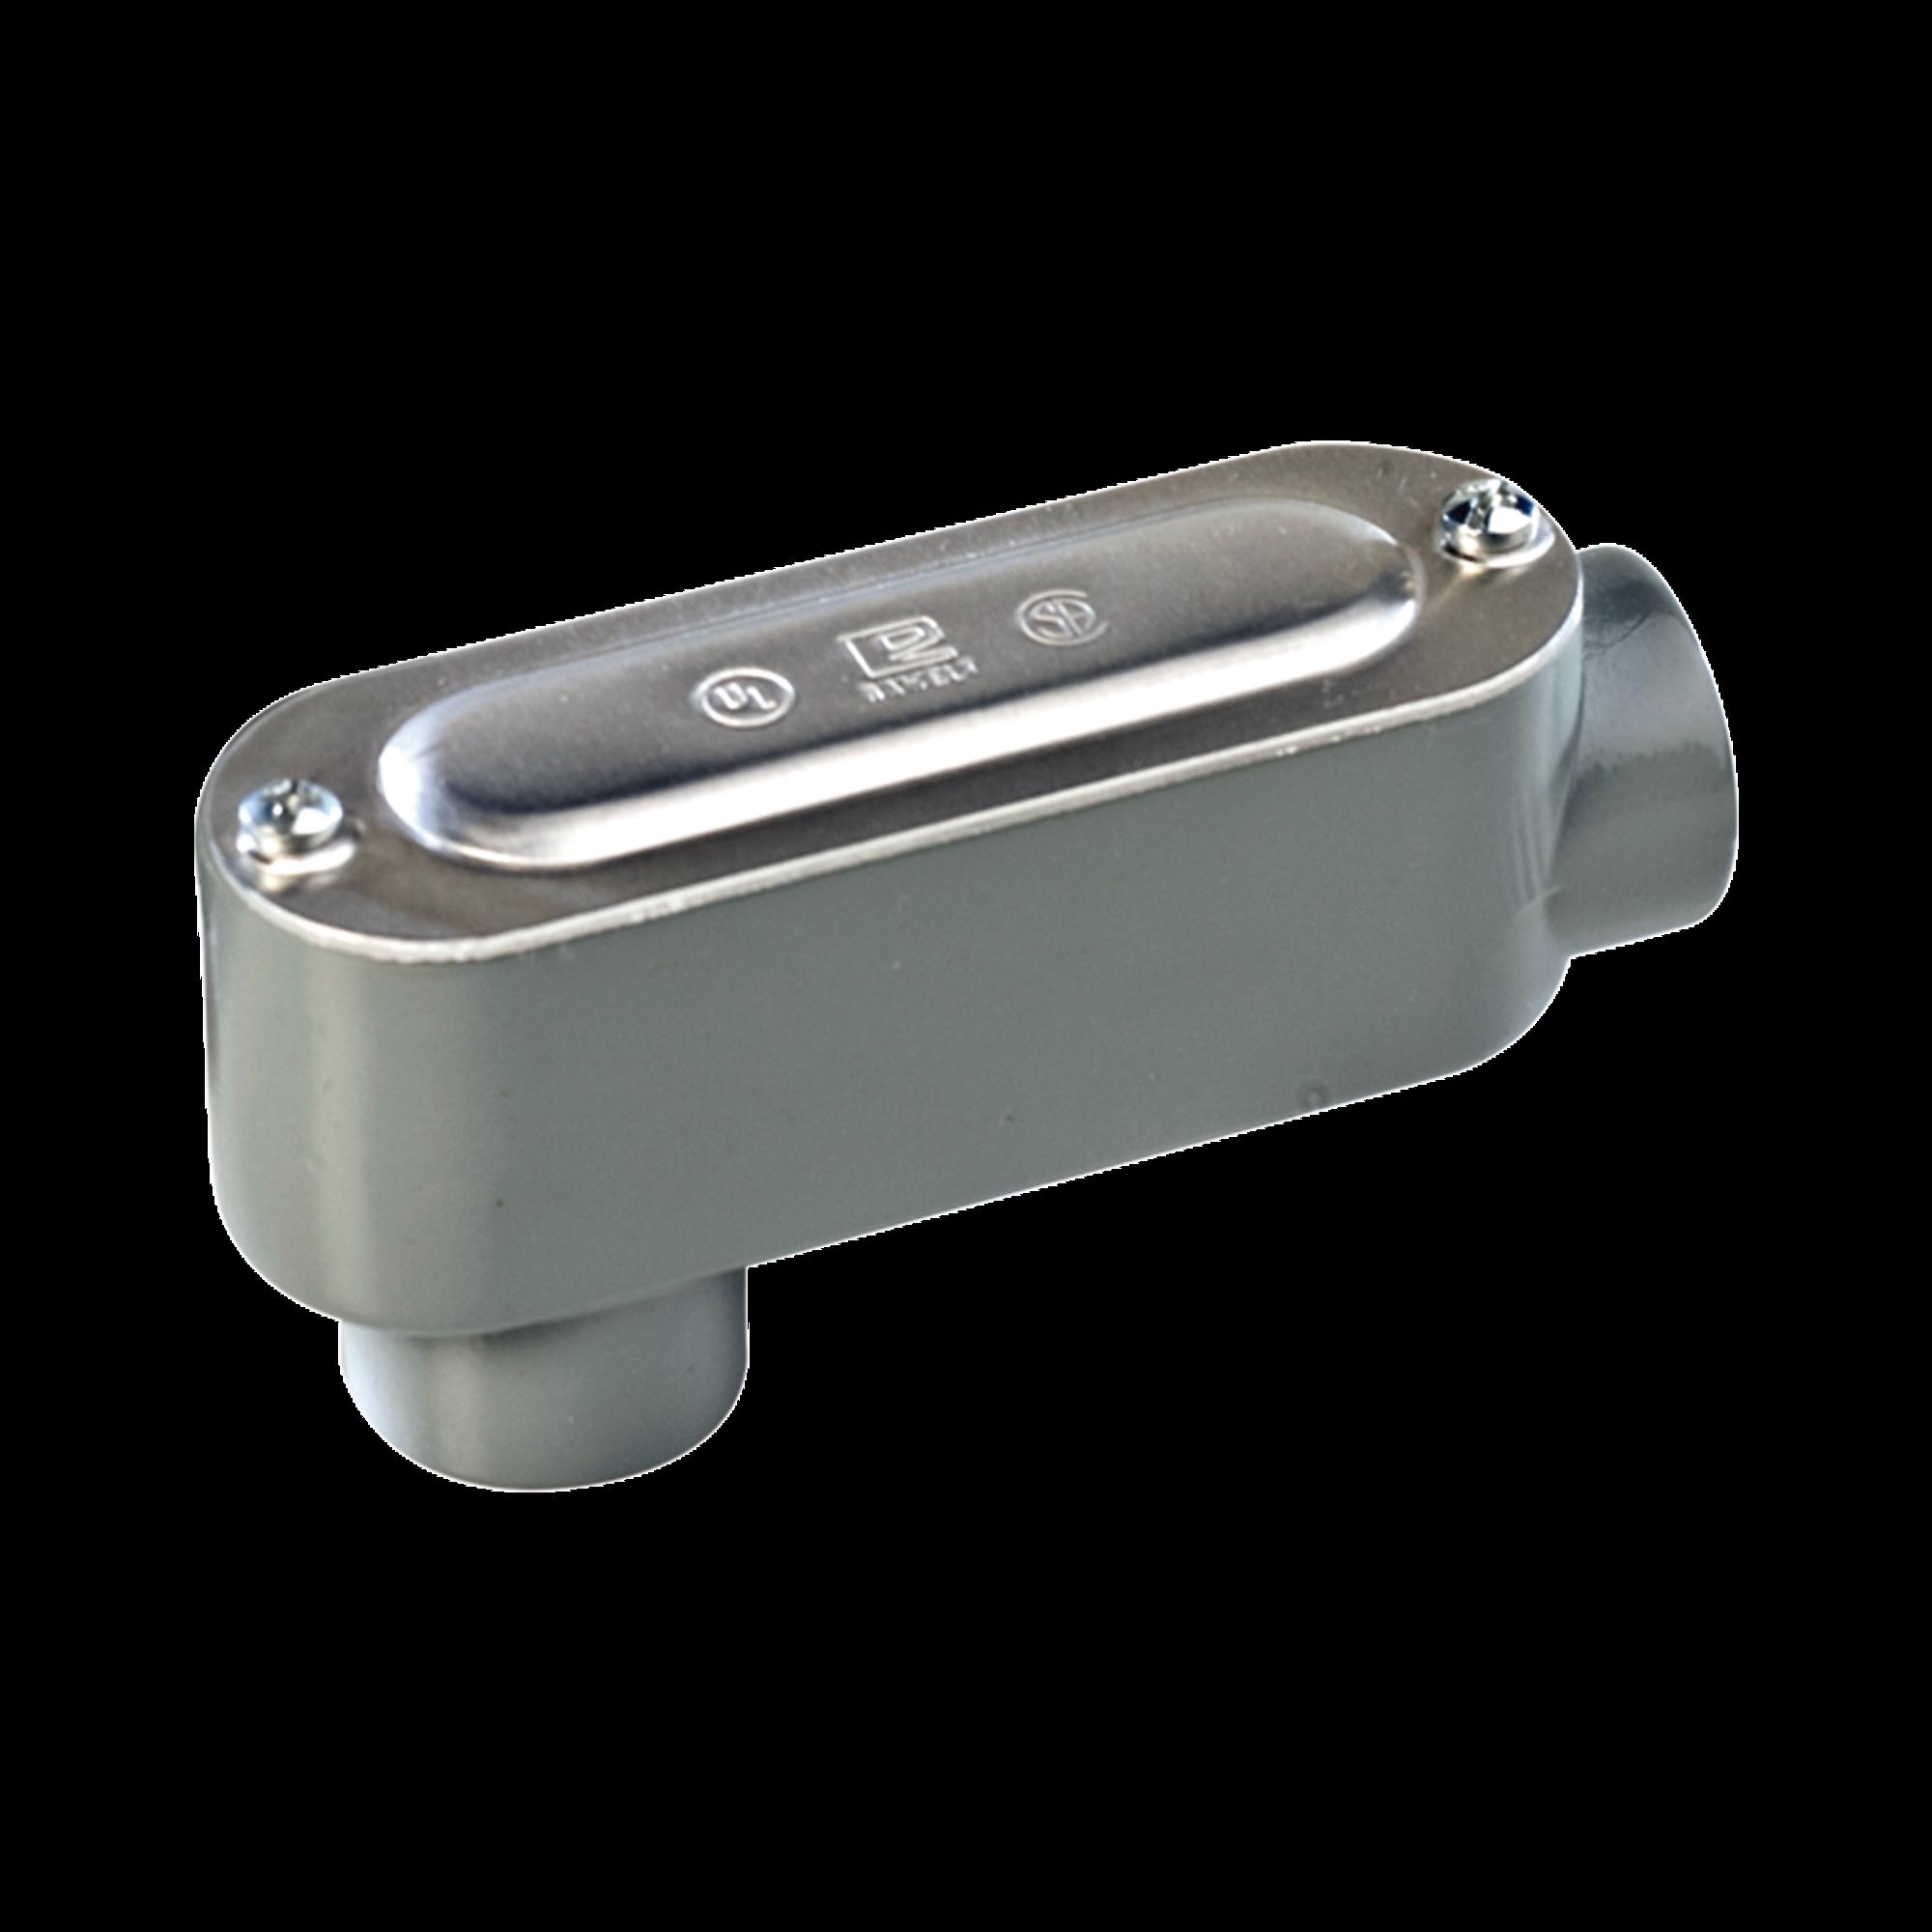 Caja Condulet tipo LB de 3/4 (19.05 mm) Incluye tapa y tornillos.